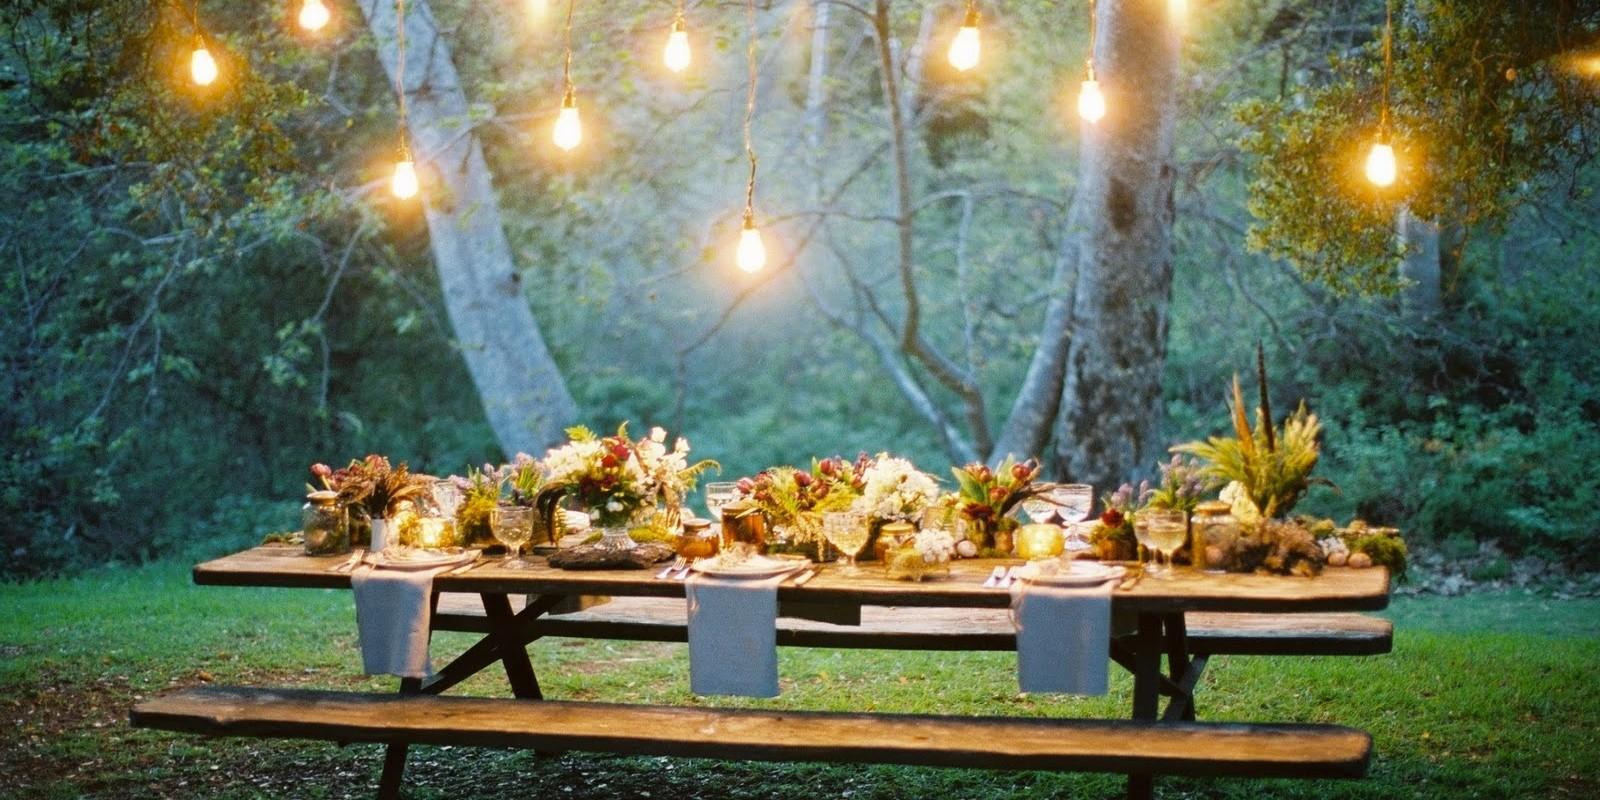 En plein air d 39 estate idee per apparecchiare la tavola for Piani di casa all aperto